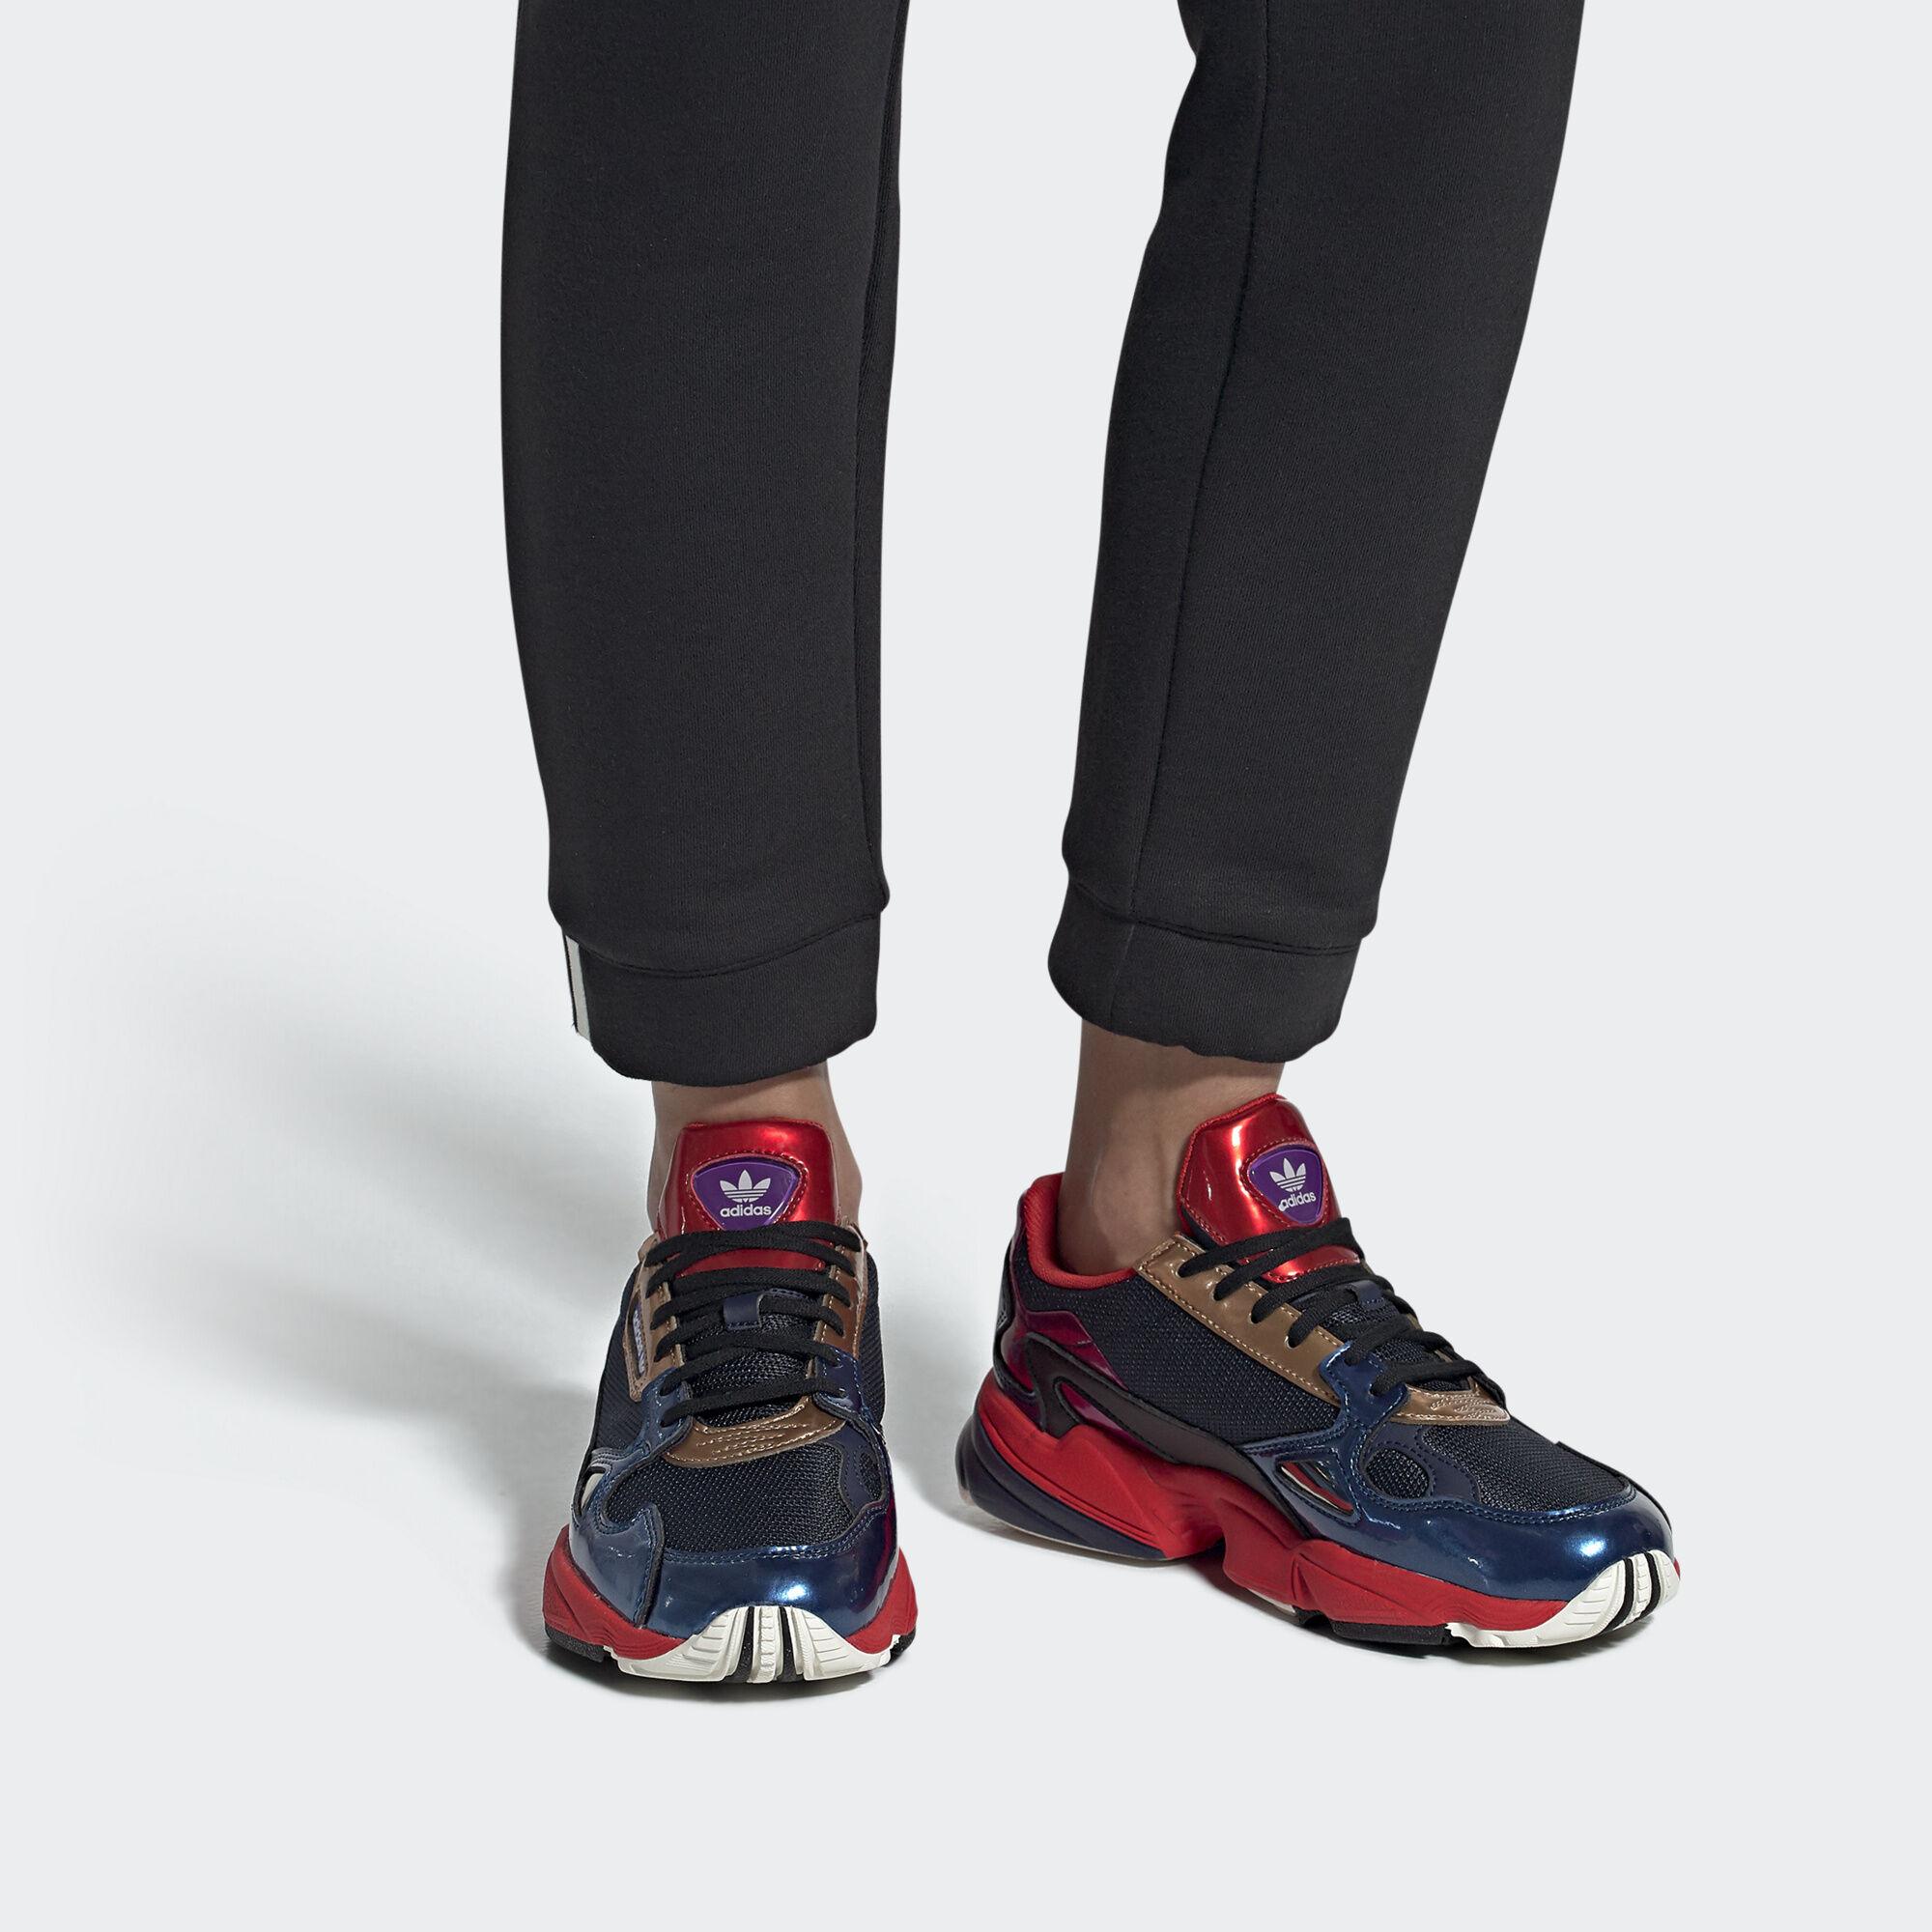 9abe2504613 adidas Falcon Shoes - White